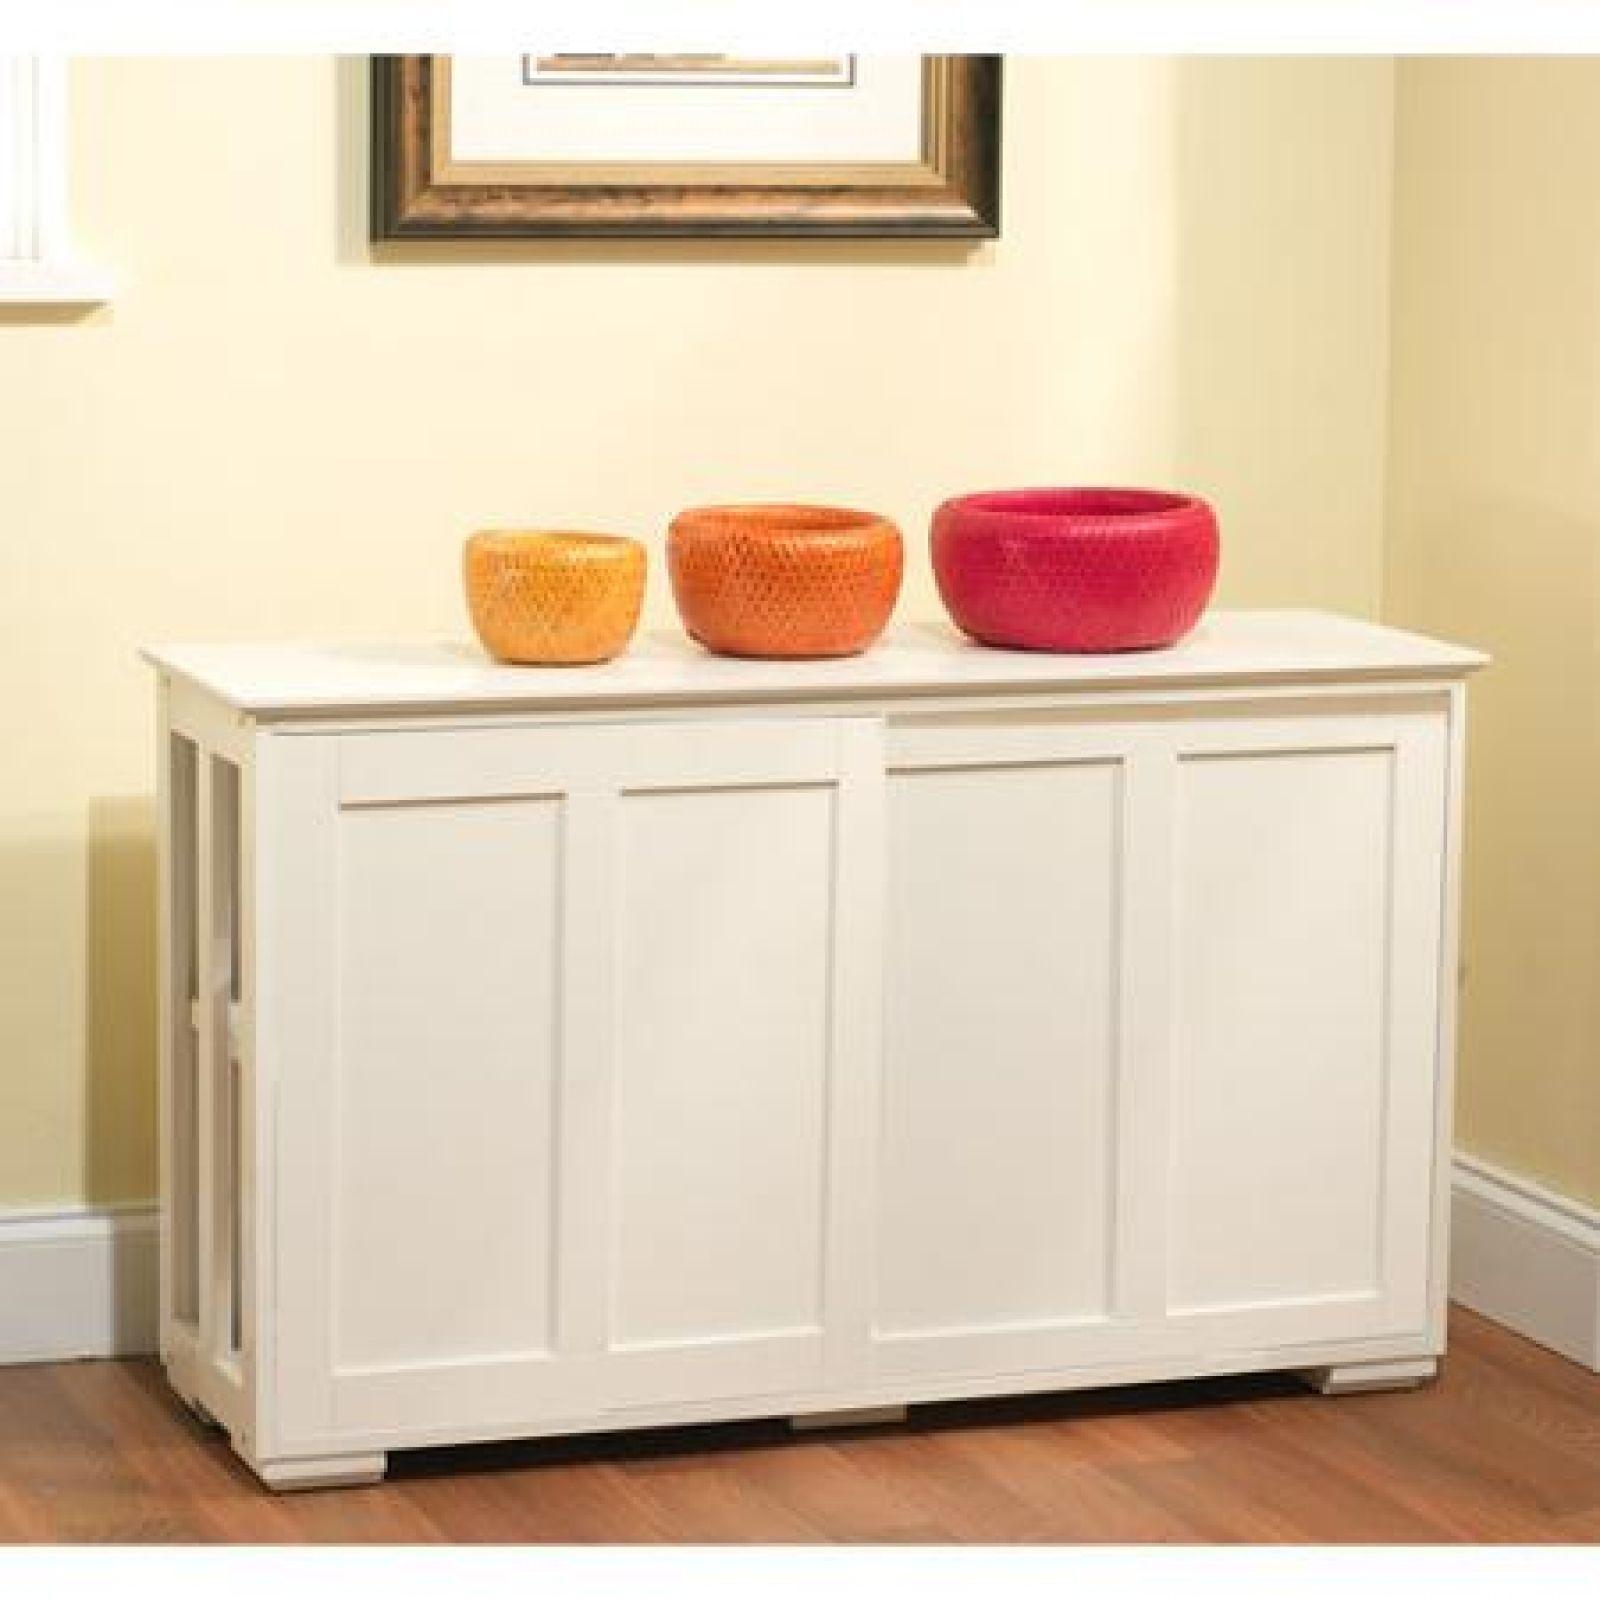 White Kitchen Storage Cabinet Stackable Sliding Door Wood Organizer ...